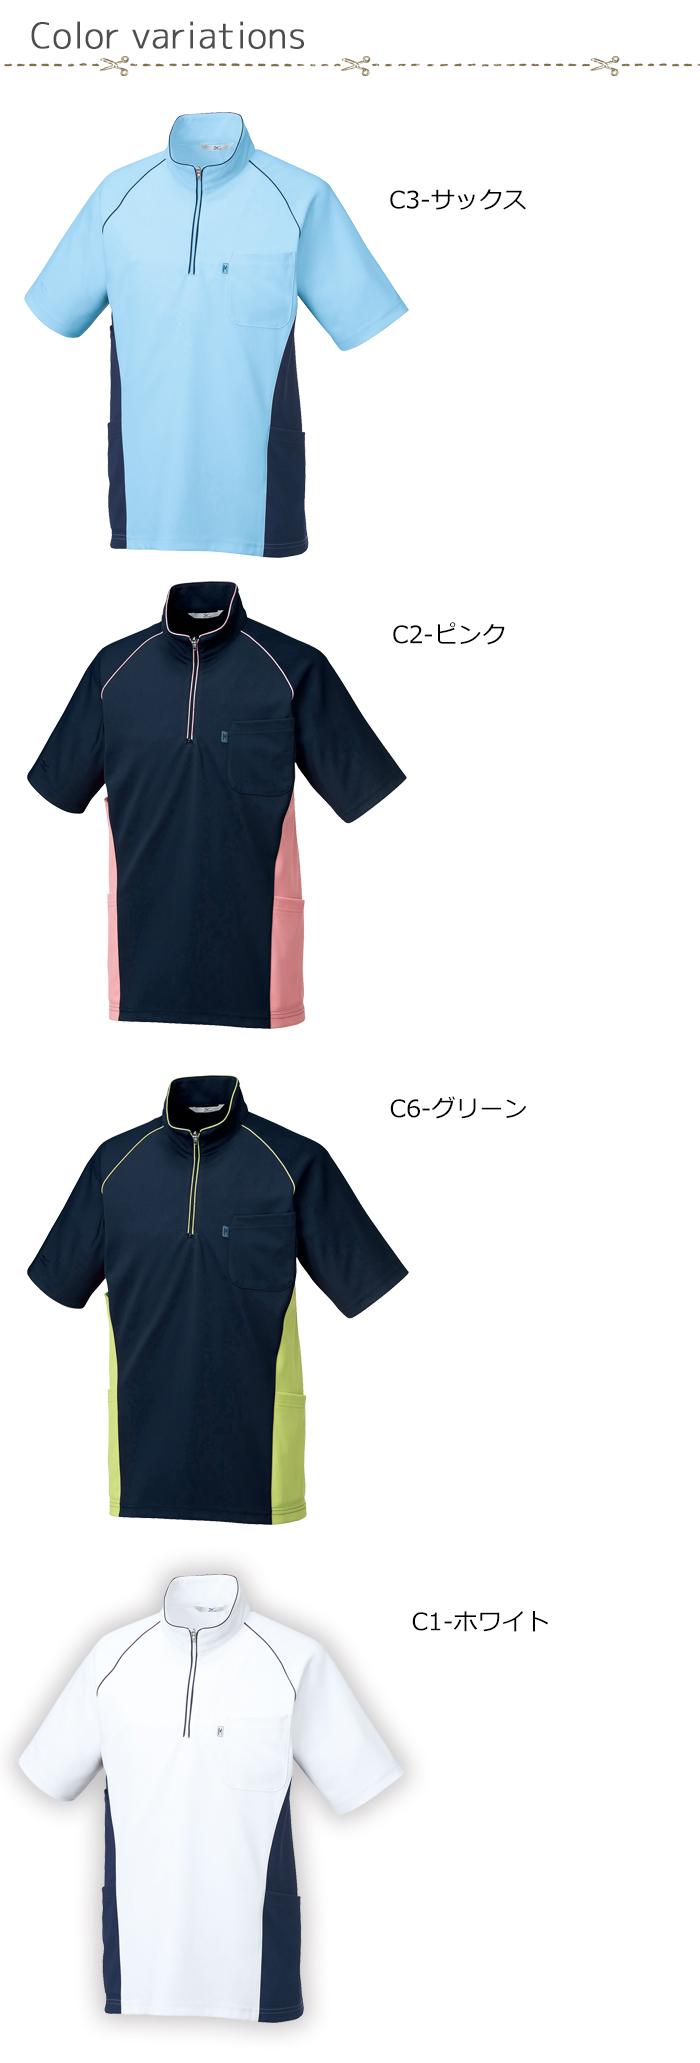 MZ0173 ニットシャツ 色展開画像